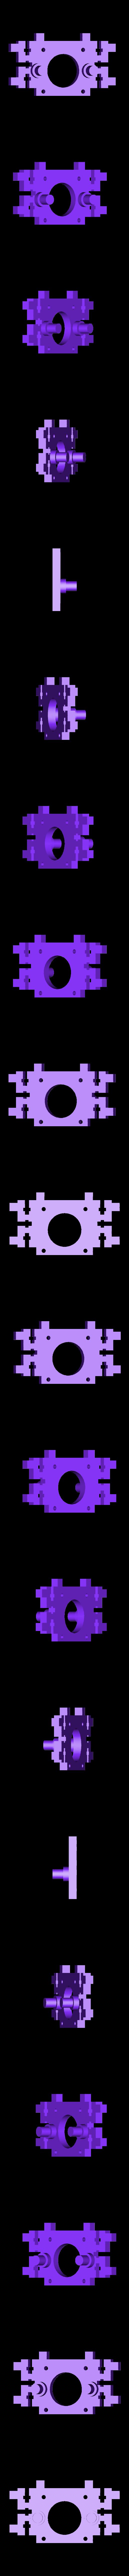 x-basis.stl Télécharger fichier STL gratuit Ceinture simple Printrbot axe X • Modèle à imprimer en 3D, Ghashrod